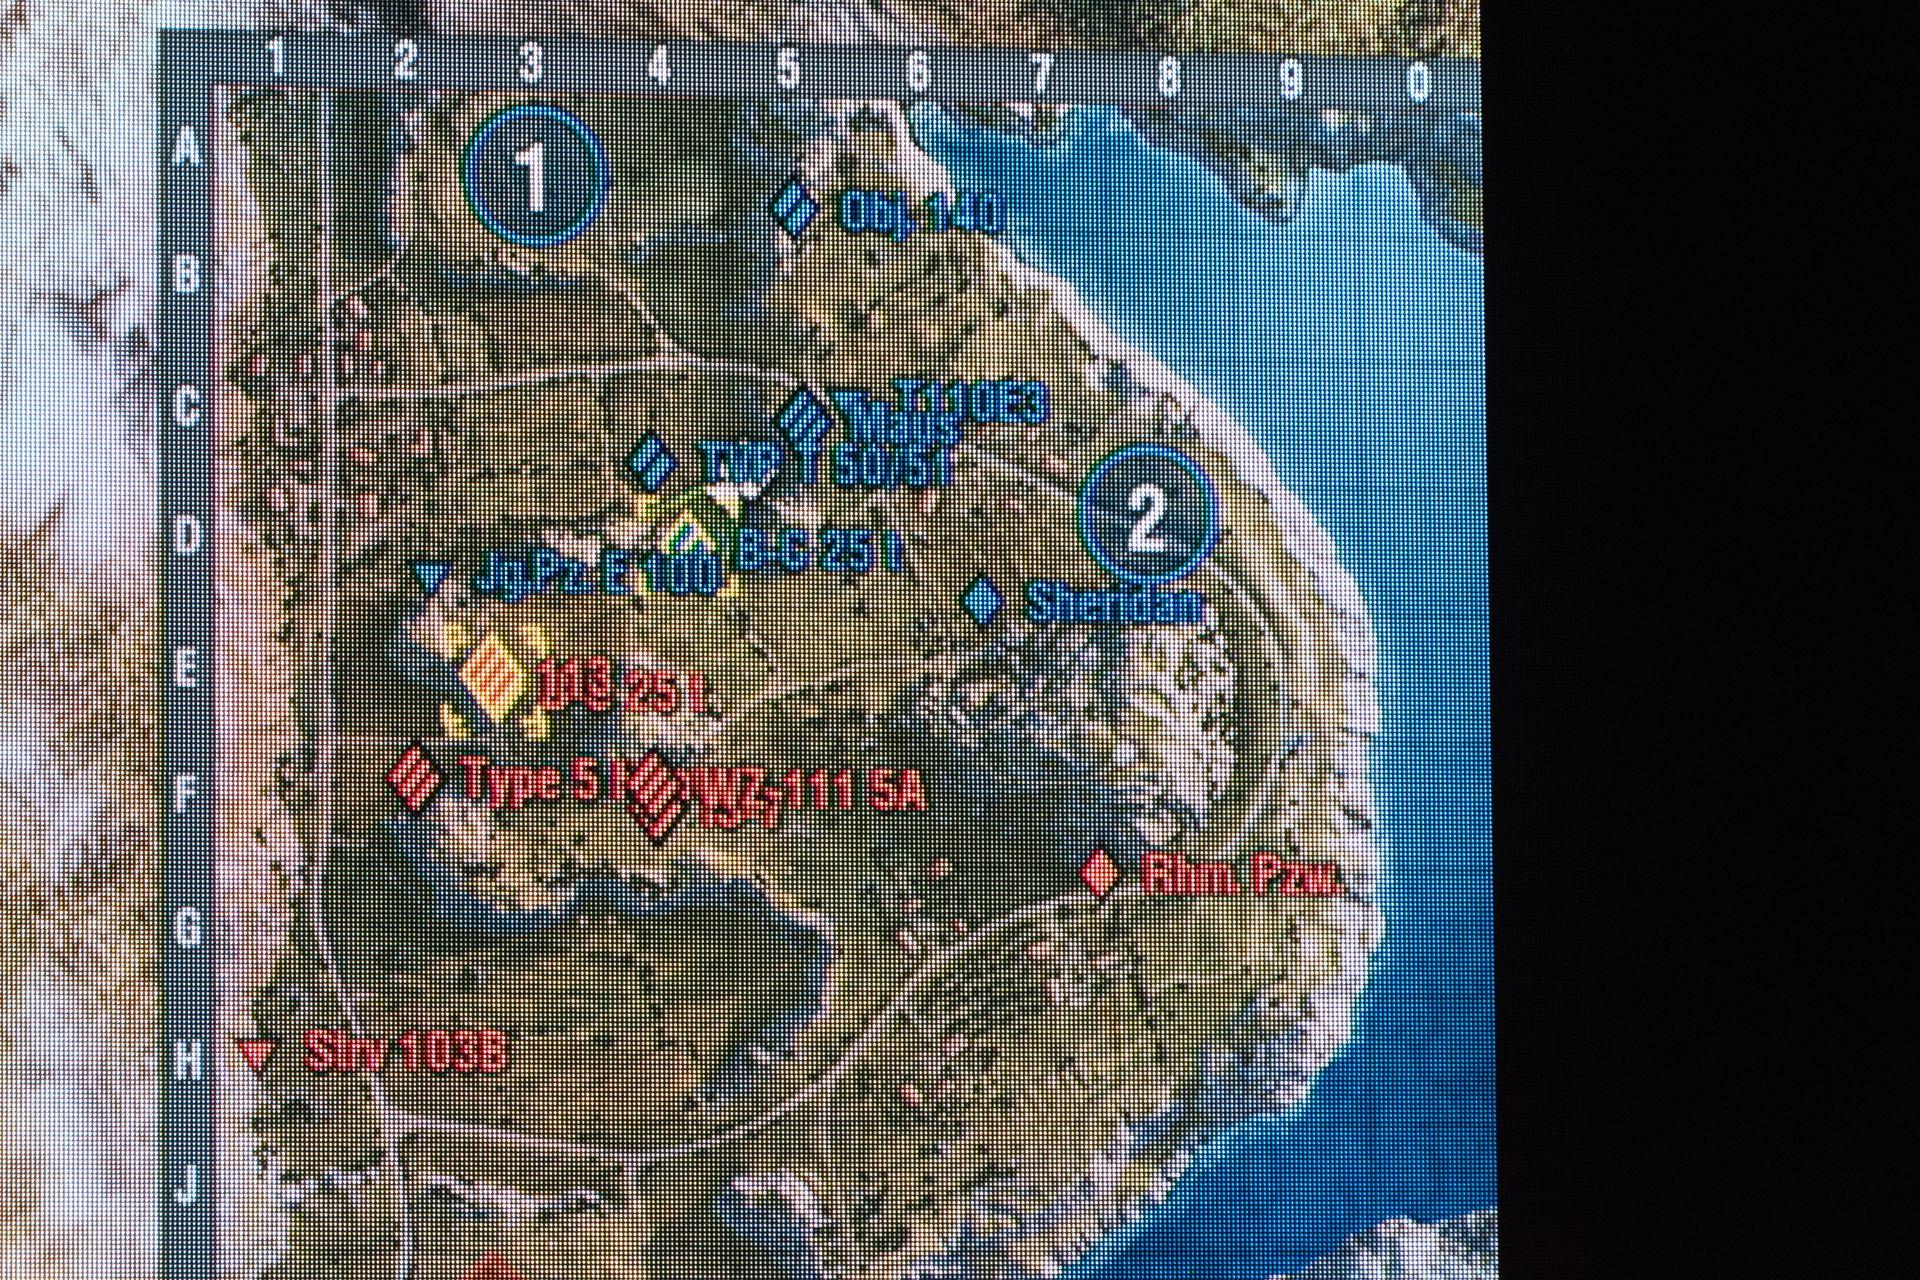 """マップ""""崖""""では中央付近の陣取りが熾烈。占拠できる拠点は攻撃側から遠く、うかつに飛び込めば集中砲火が待っている"""